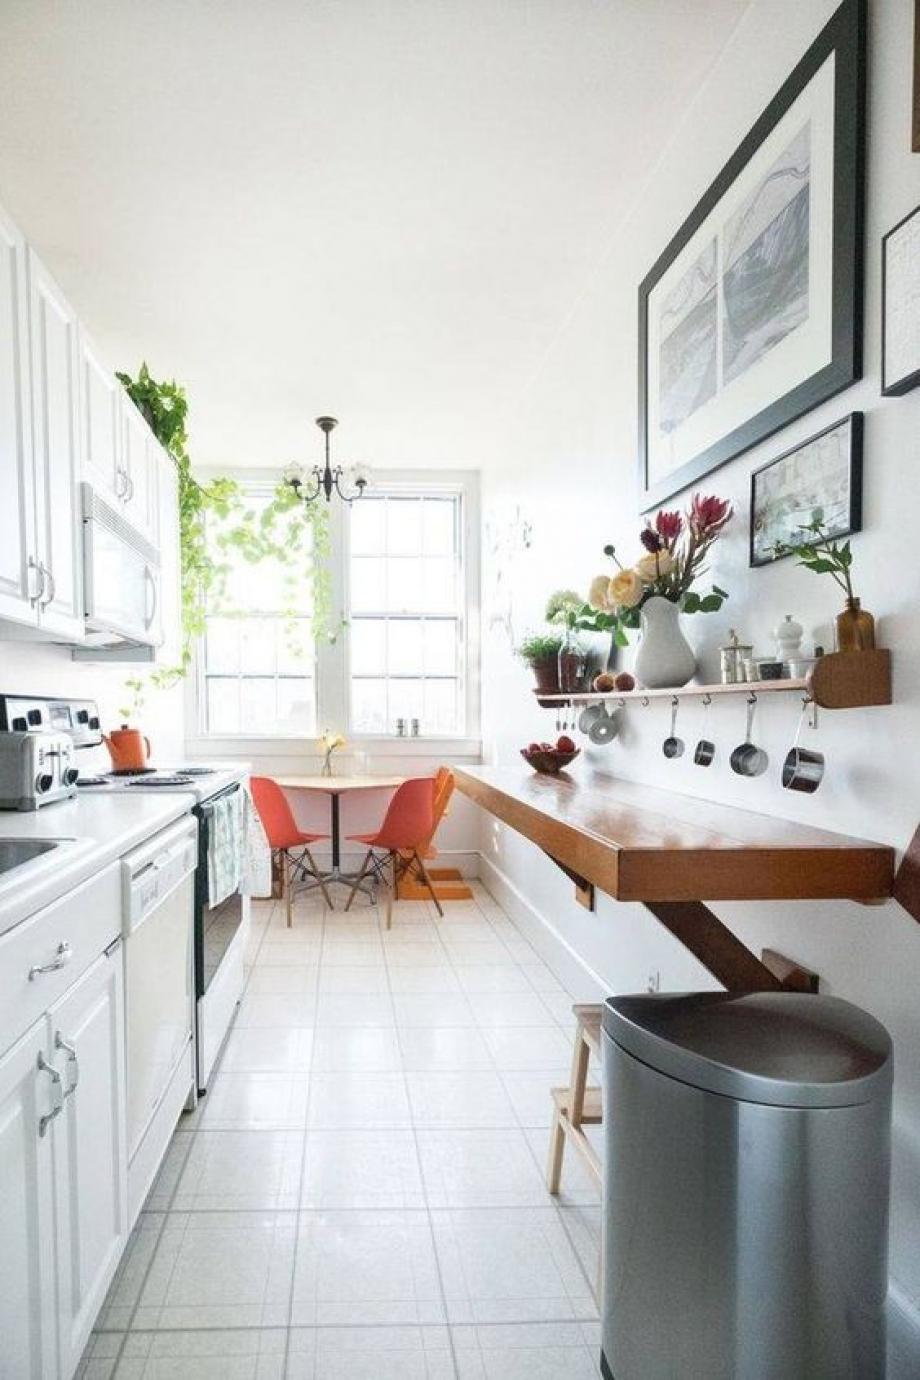 comment aménager un coin repas dans une cuisine couloir ?